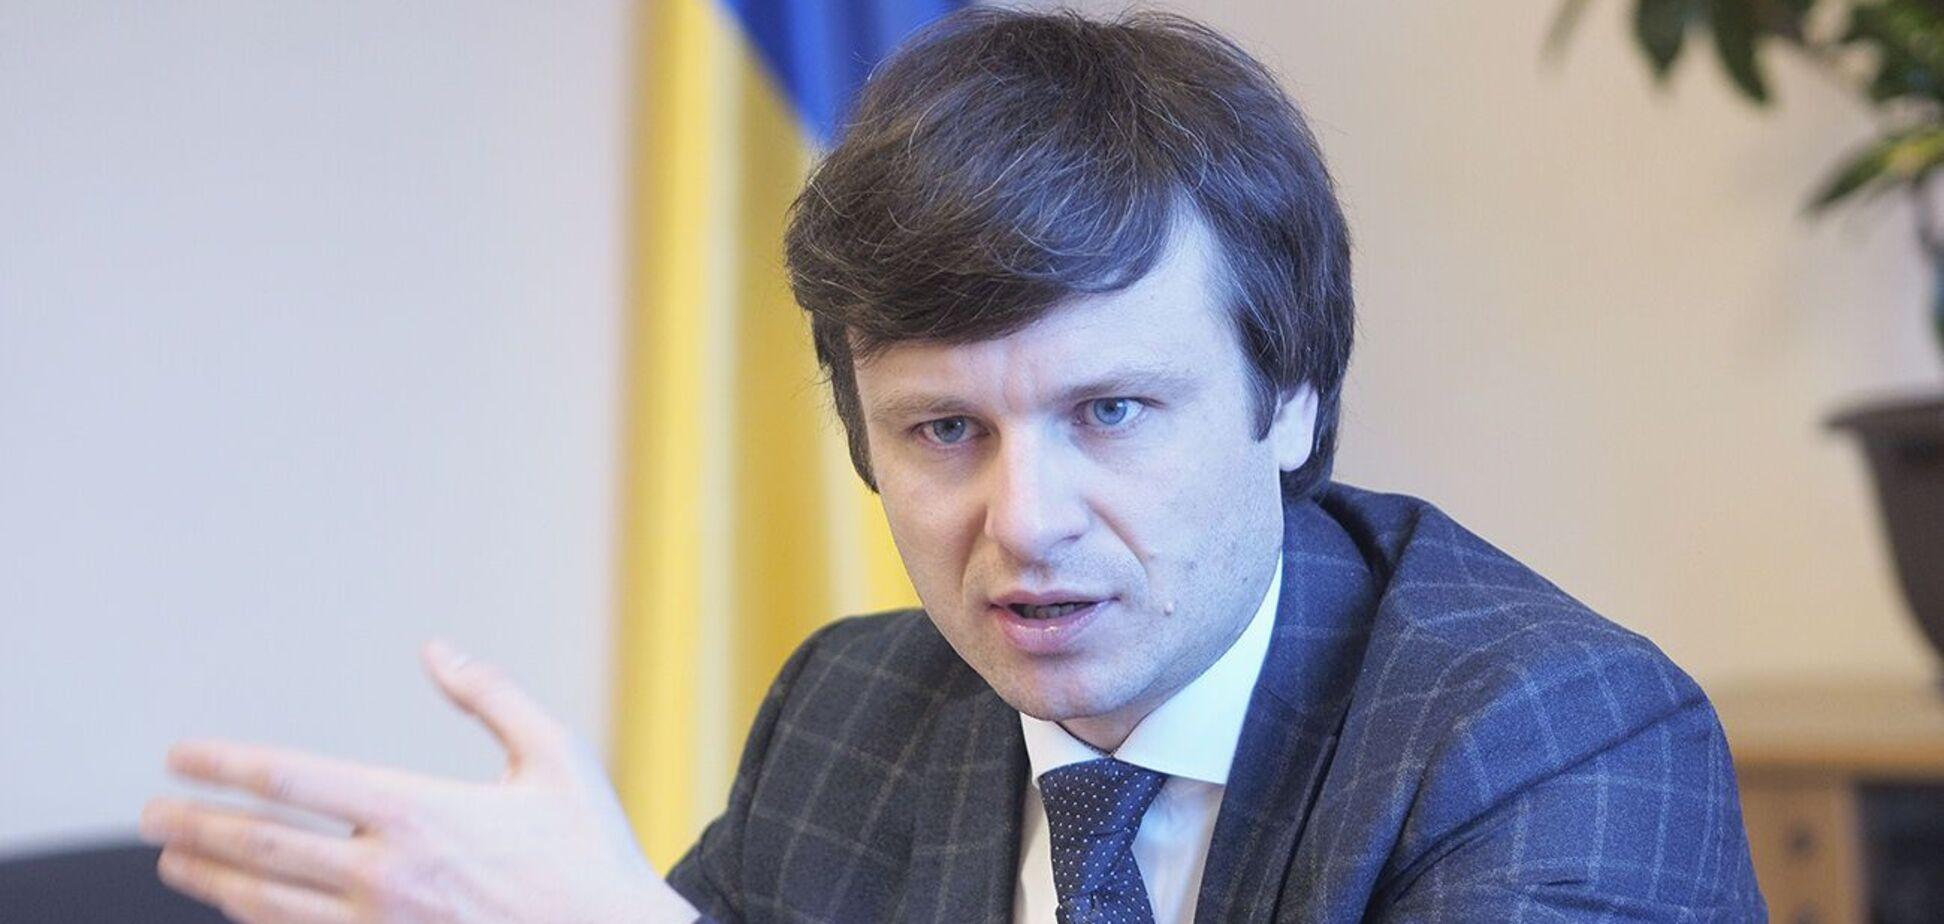 Сергій Марченко захворів на коронавірус